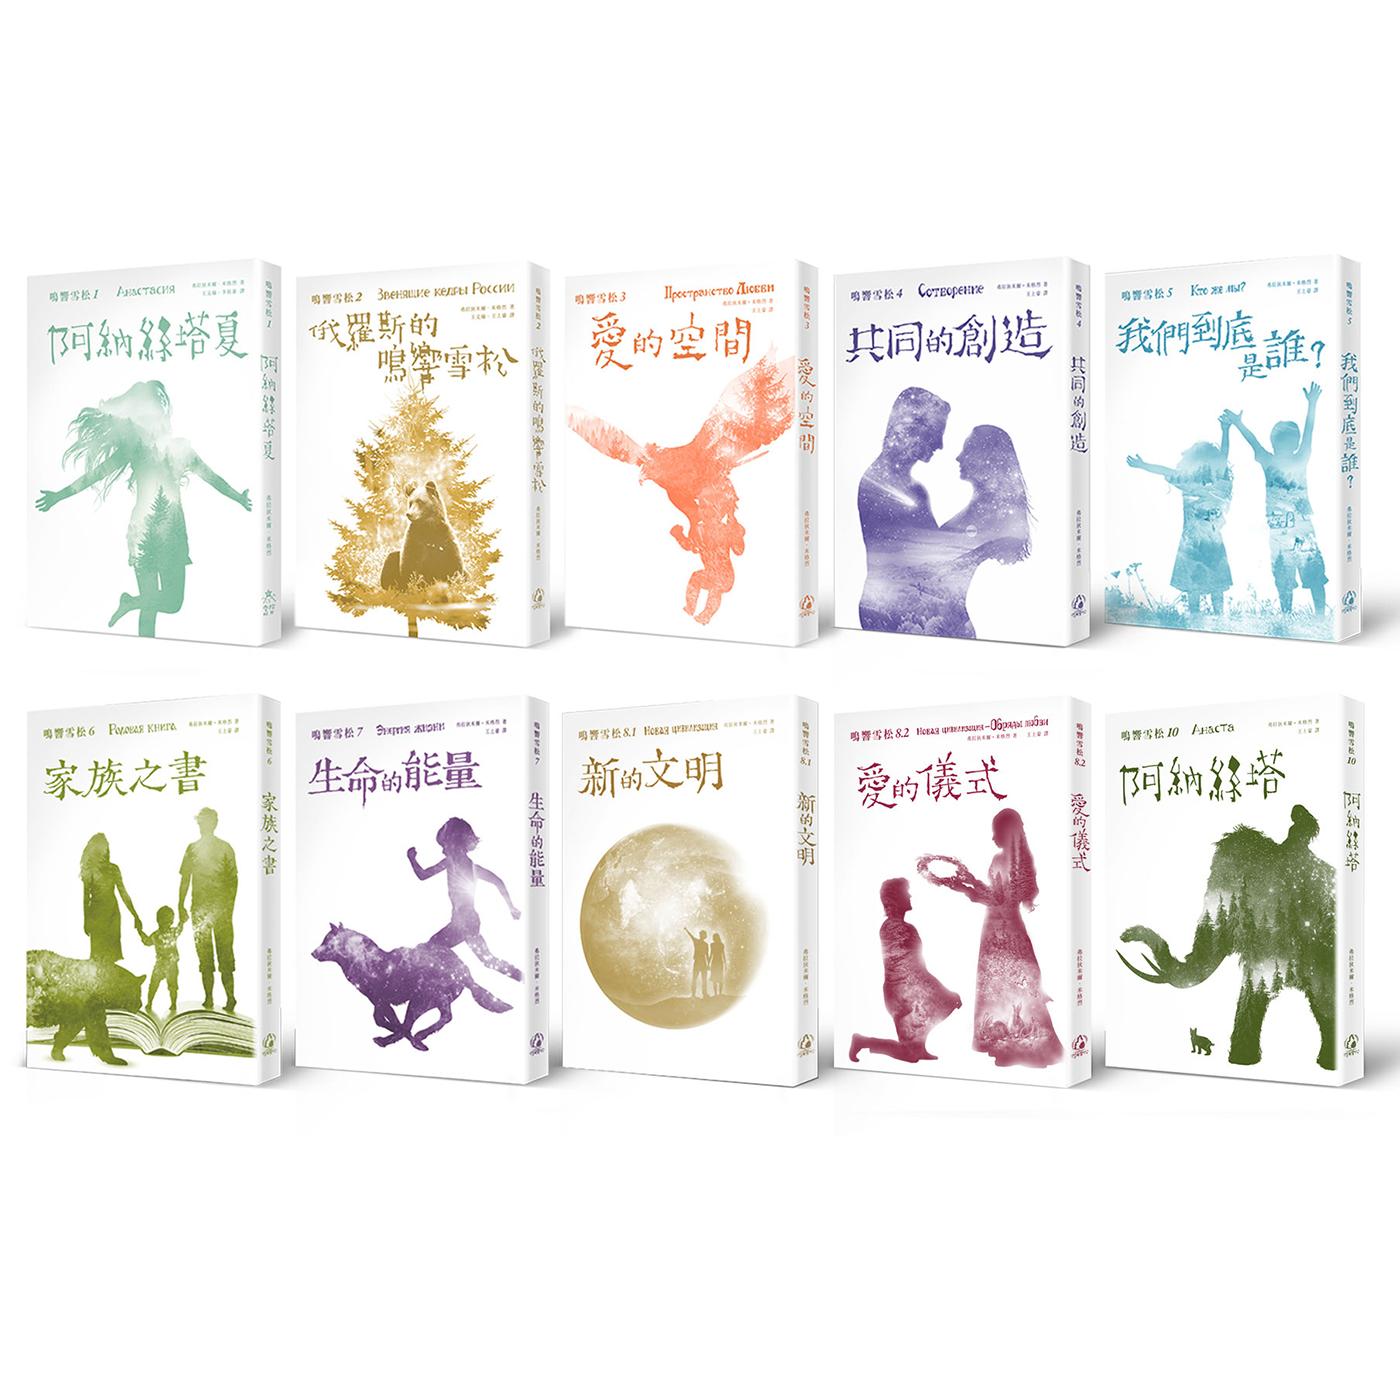 051.【鳴響雪松第六册】是誰在扶養我們的孩子(2).m4a